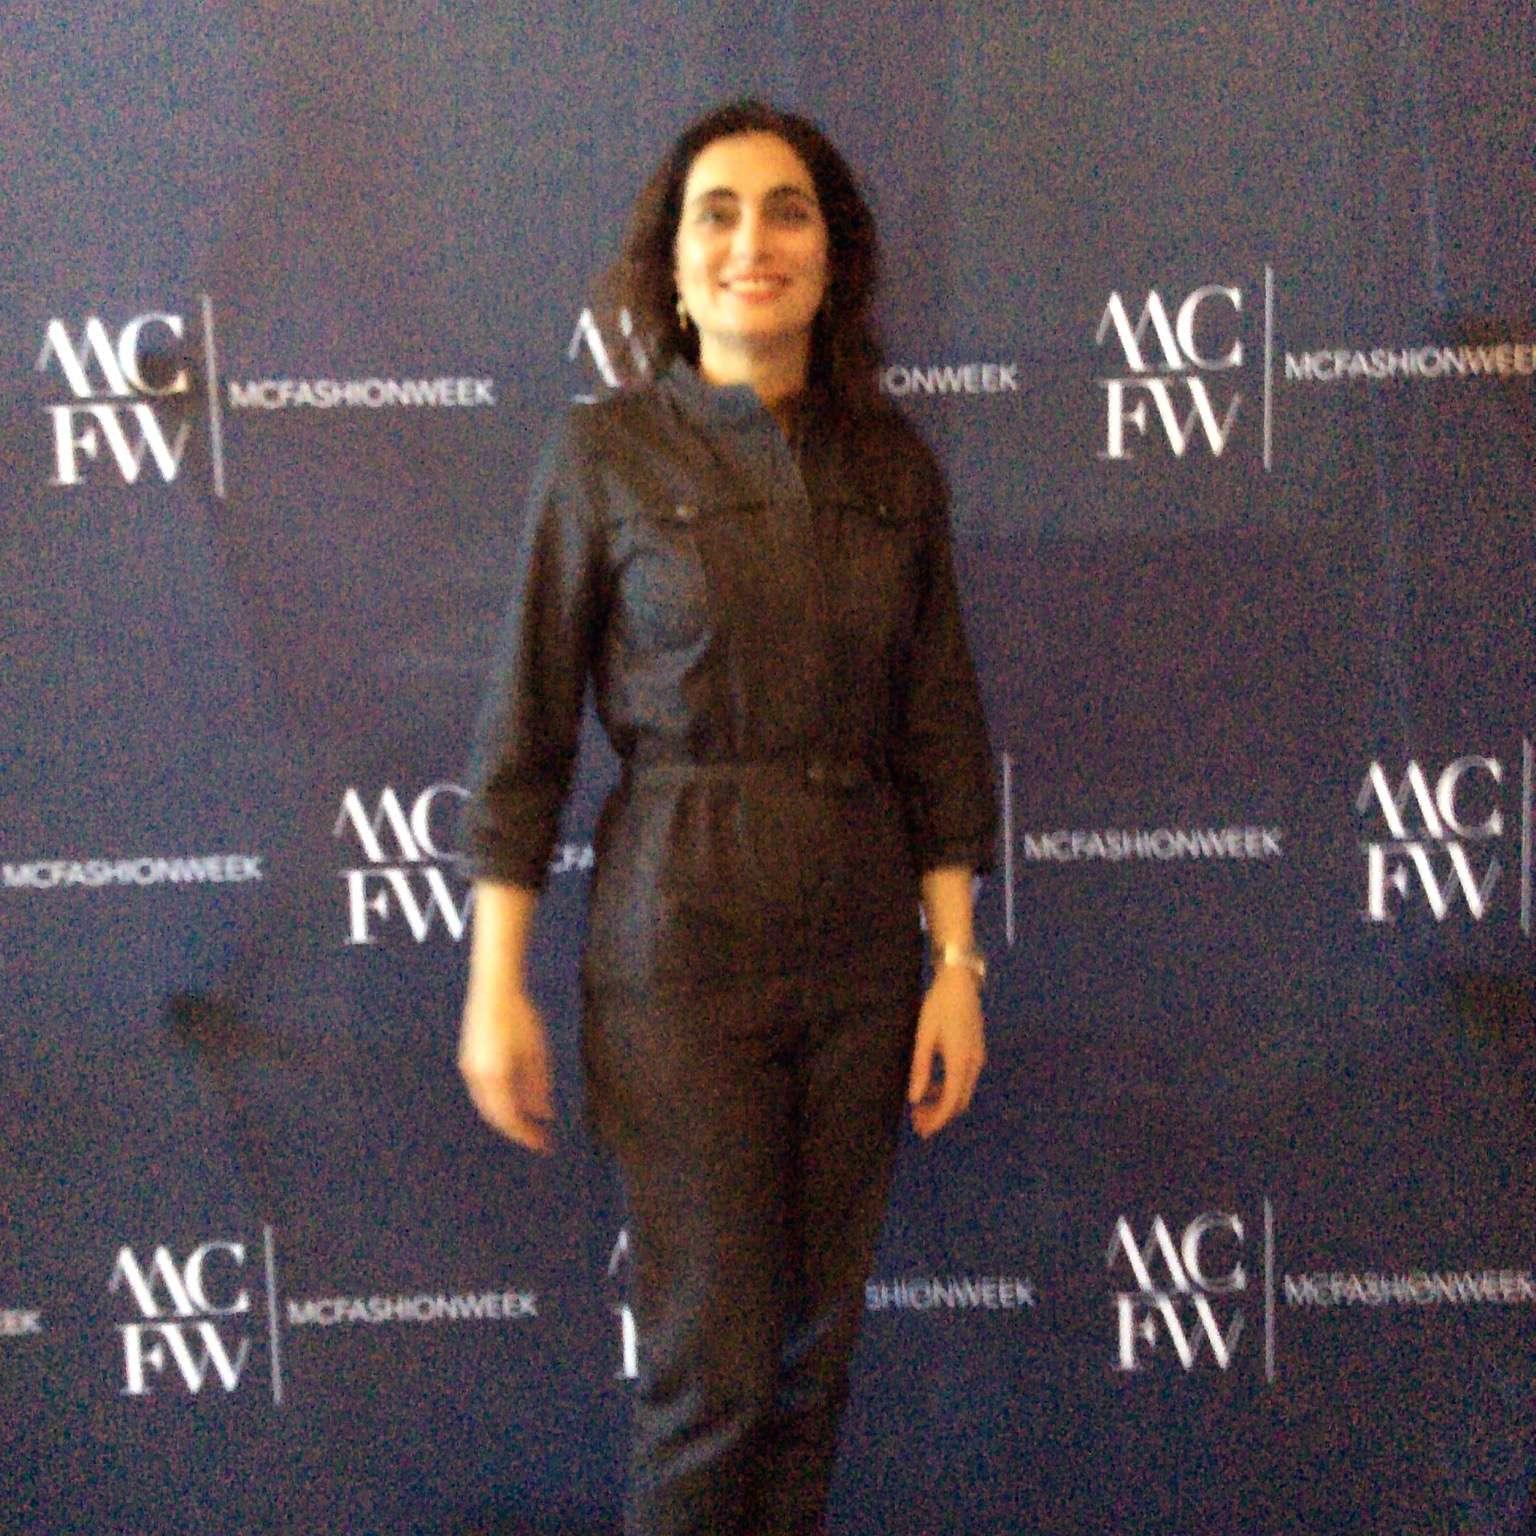 crefovi, MonteCarlo Fashion Week, chambre monégasque de la mode